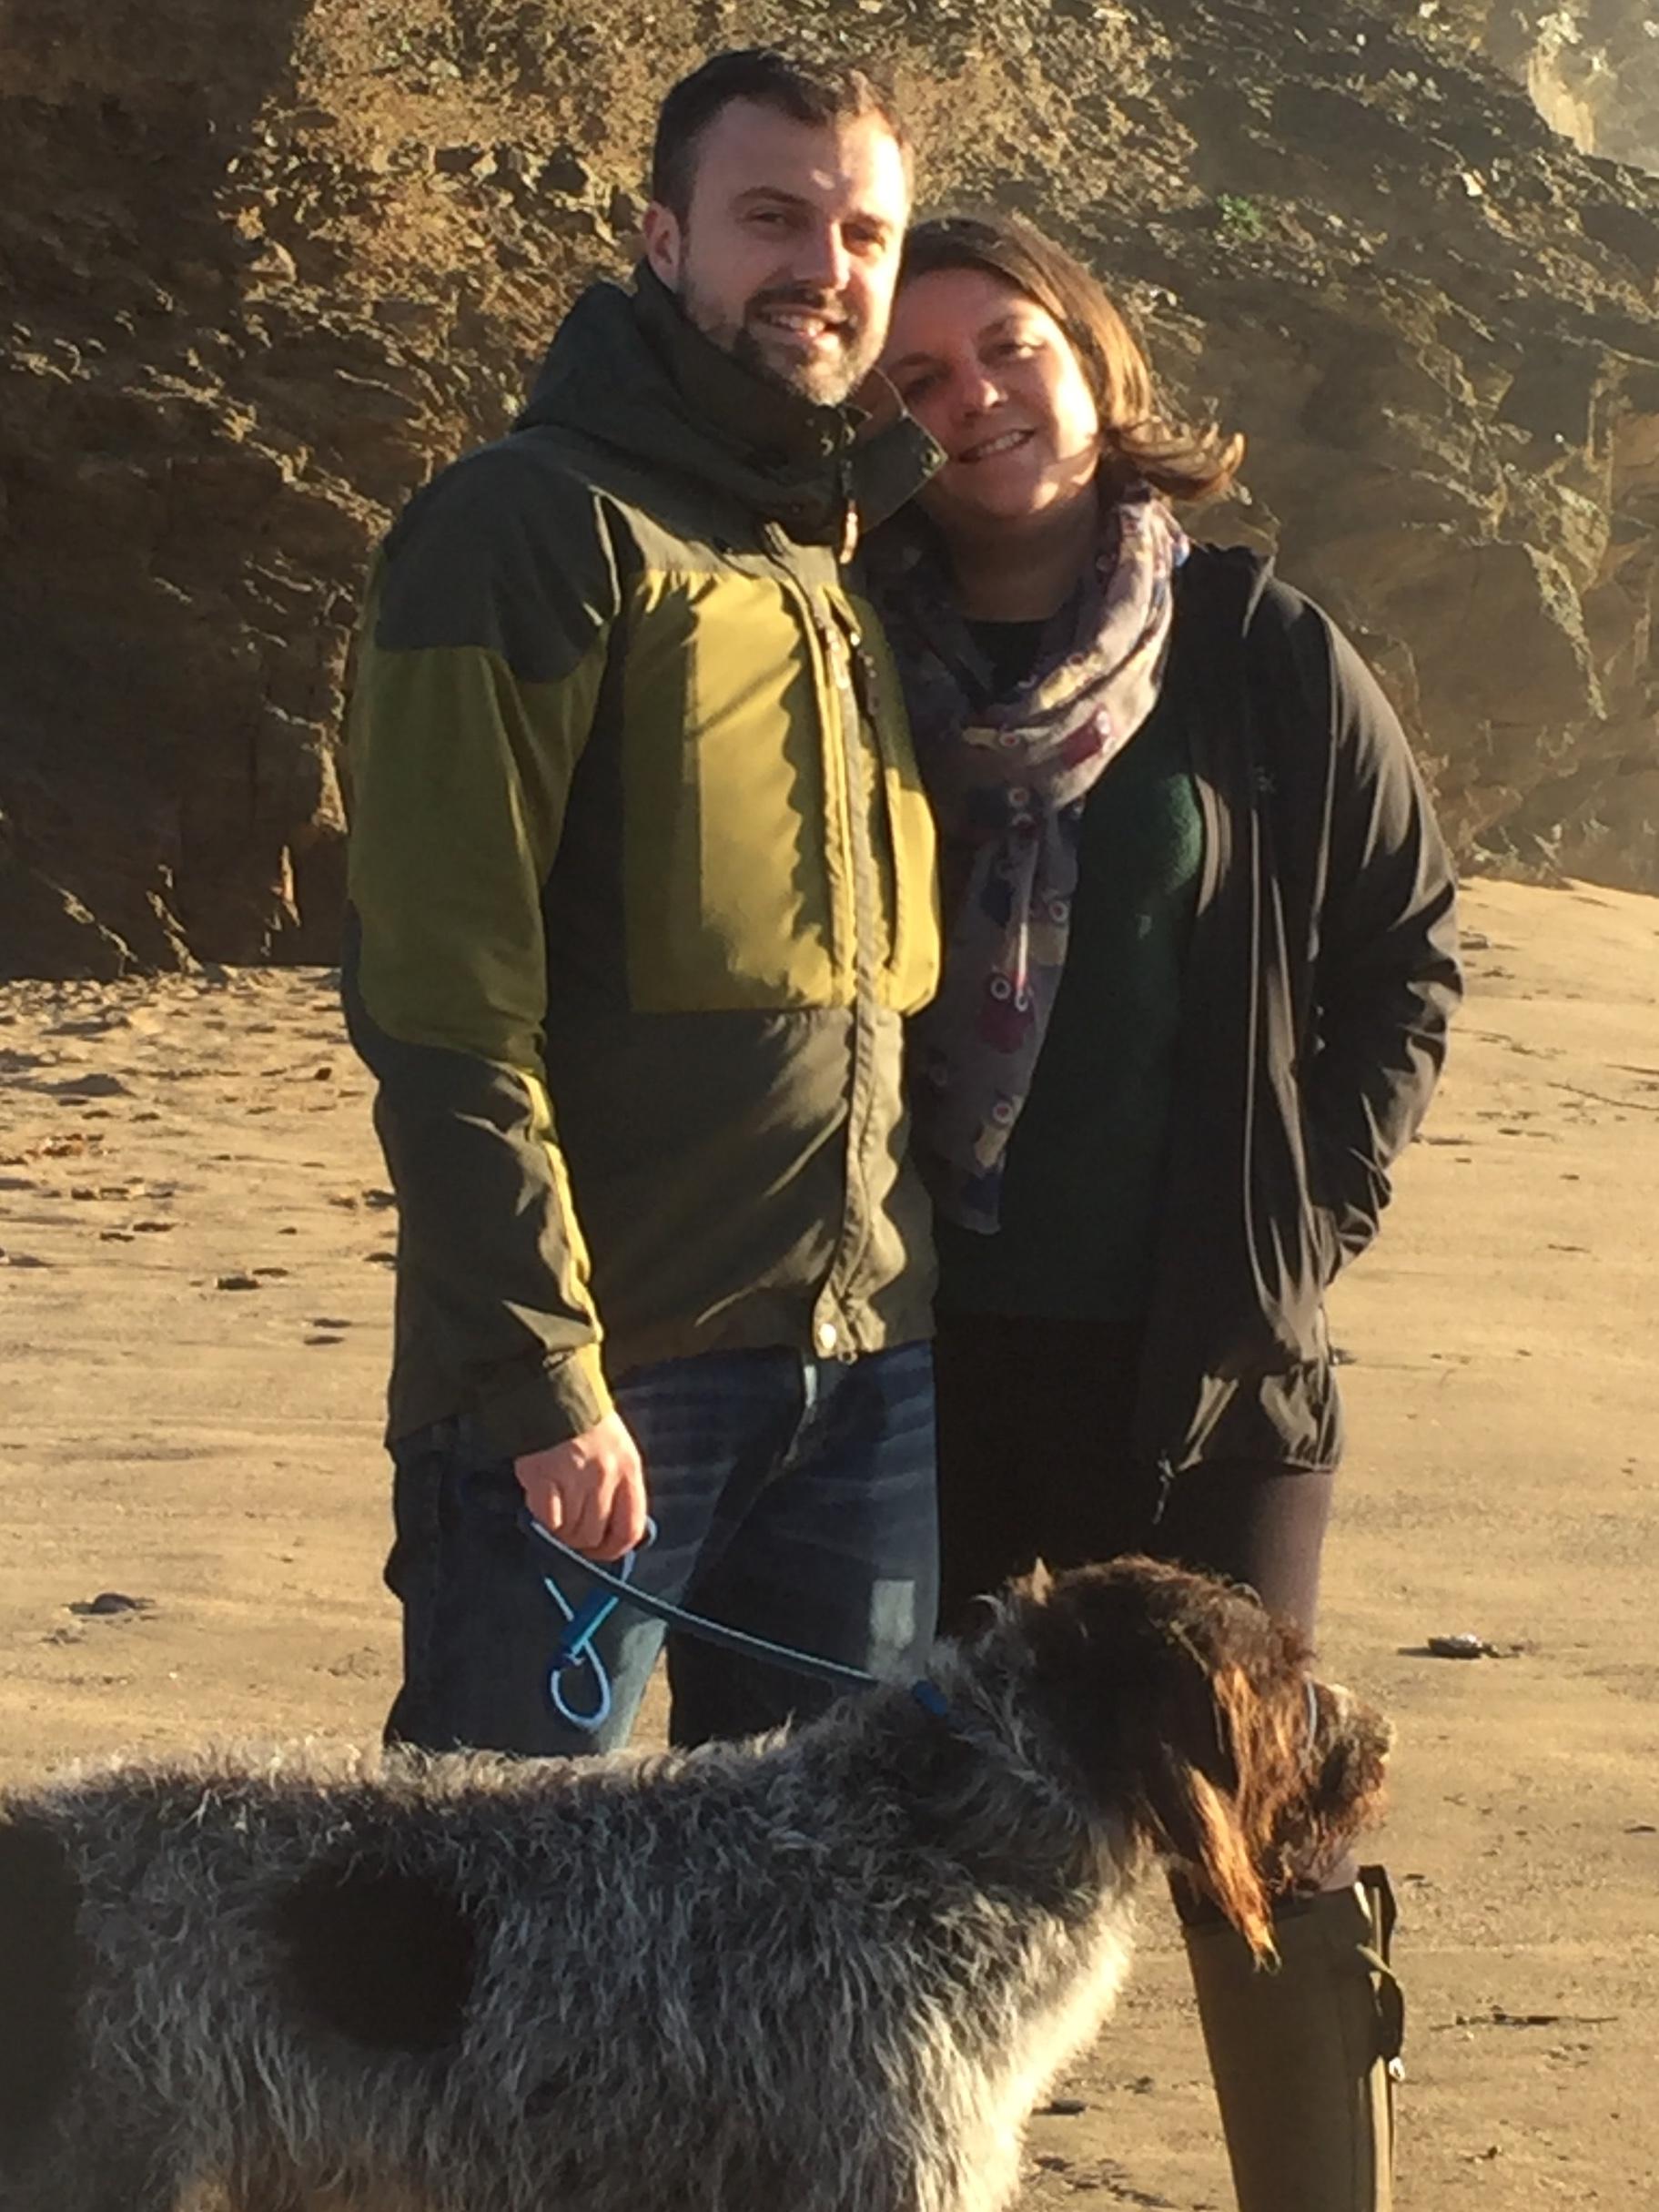 James & Sarah Coleman with Stan the dog.